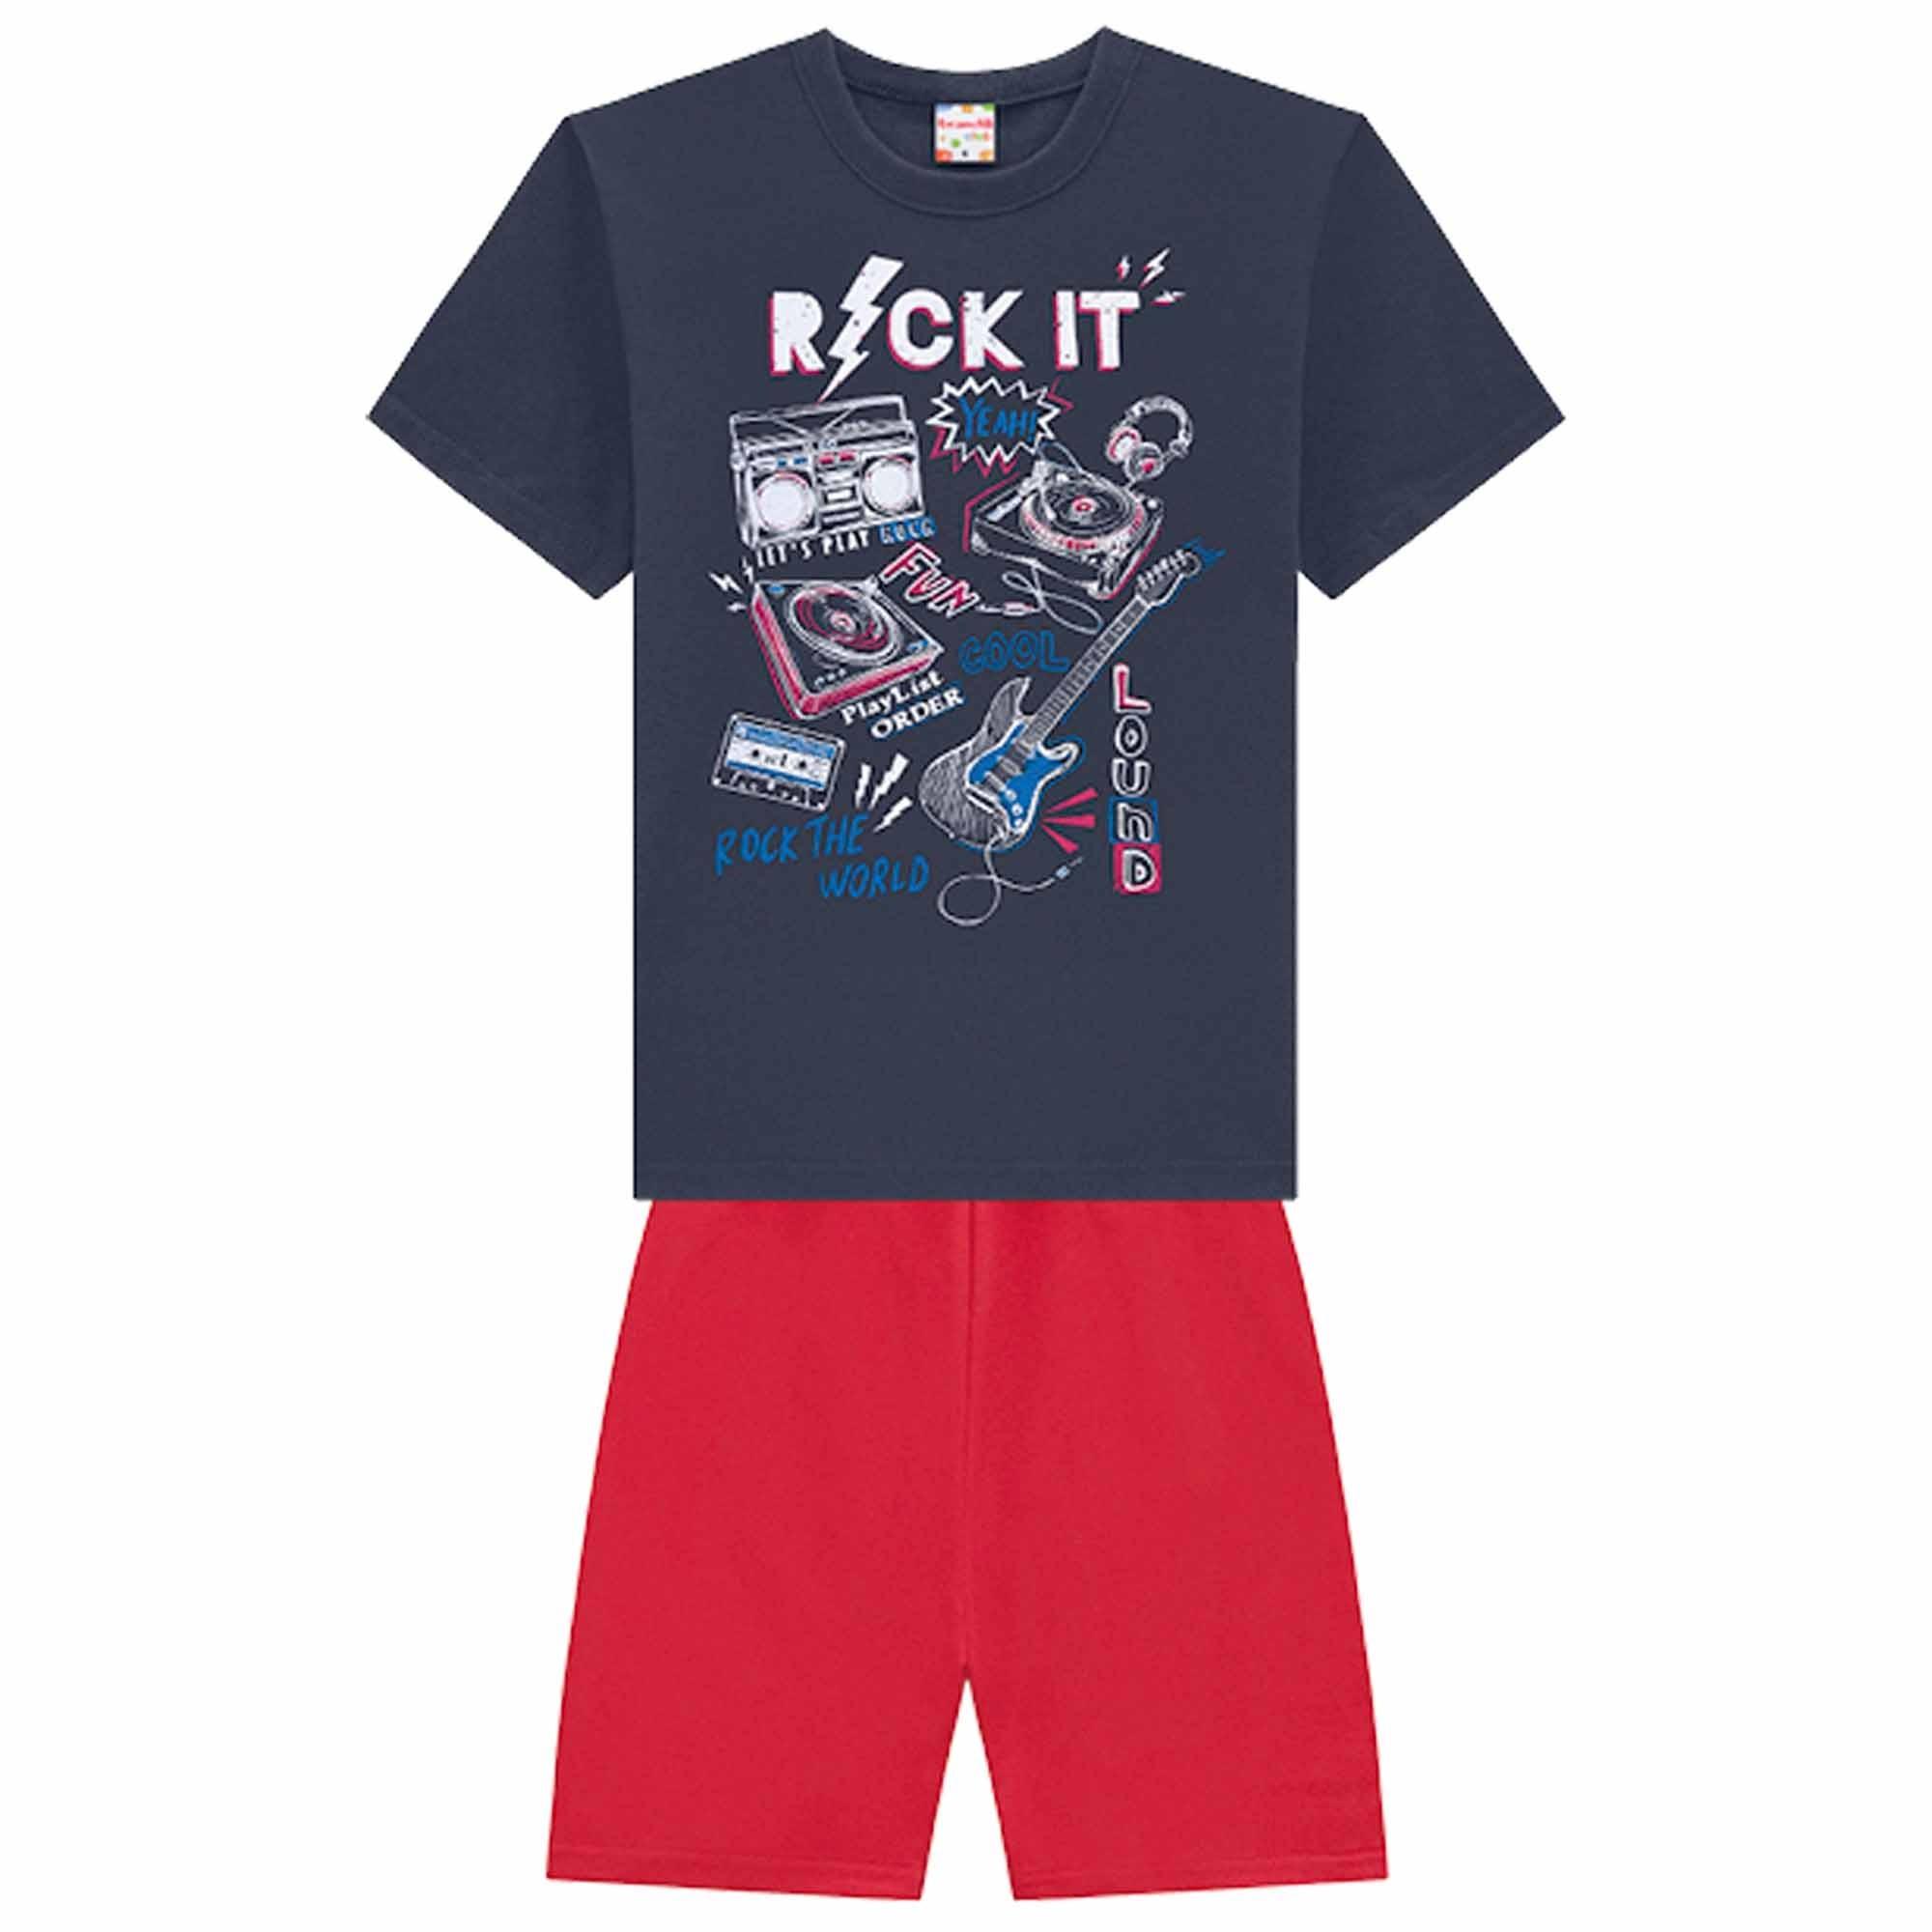 Conjunto Verão Brandili Camiseta Rock com Bermuda Moletinho- 4 ao 10